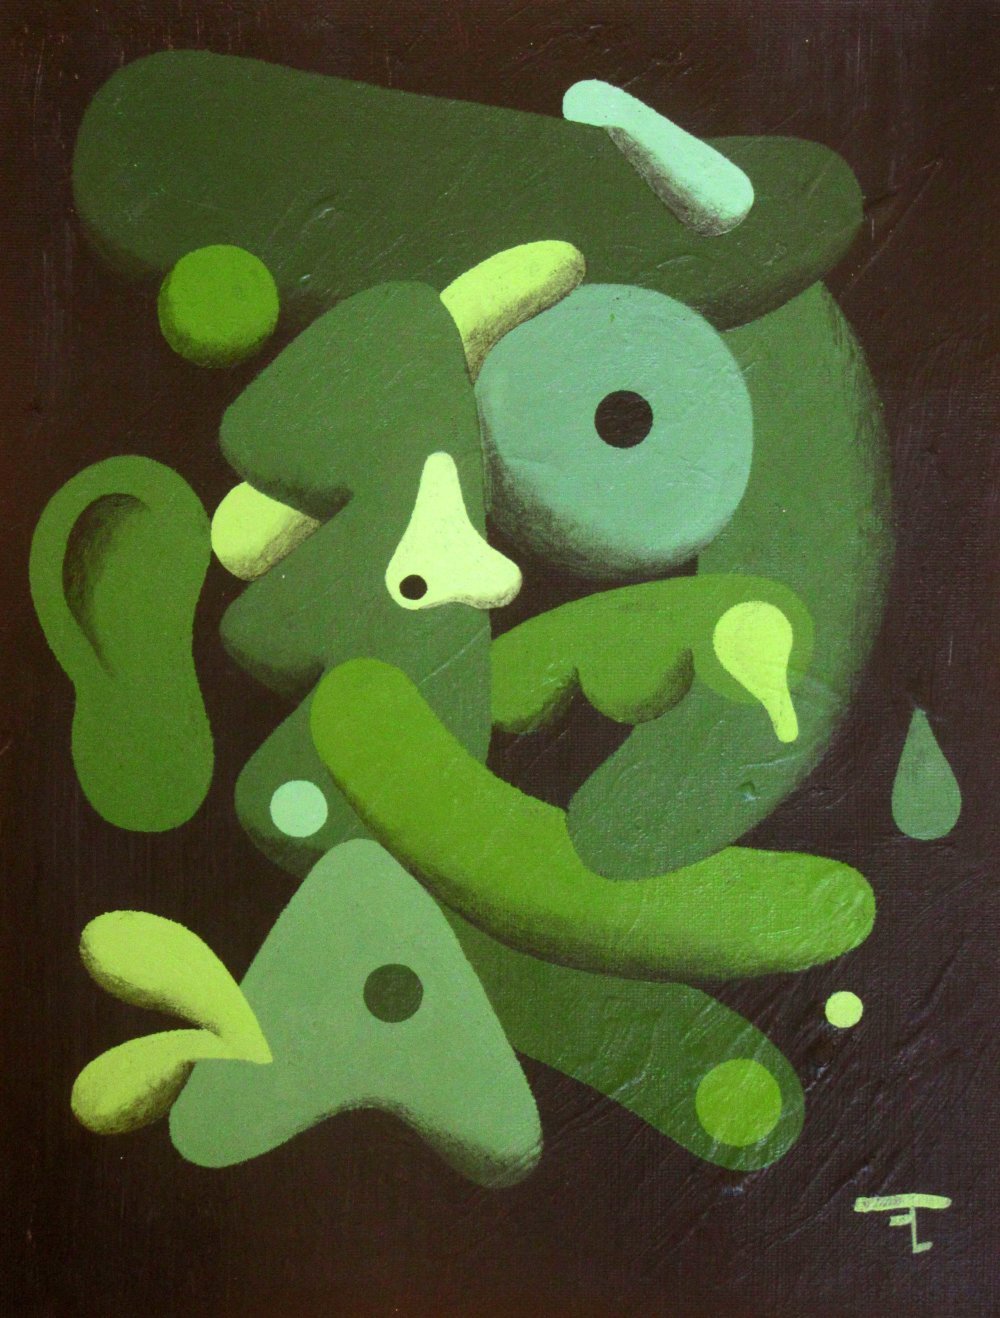 Tableau acrylique sur carton entoilé - signé - artiste Flavien Couche